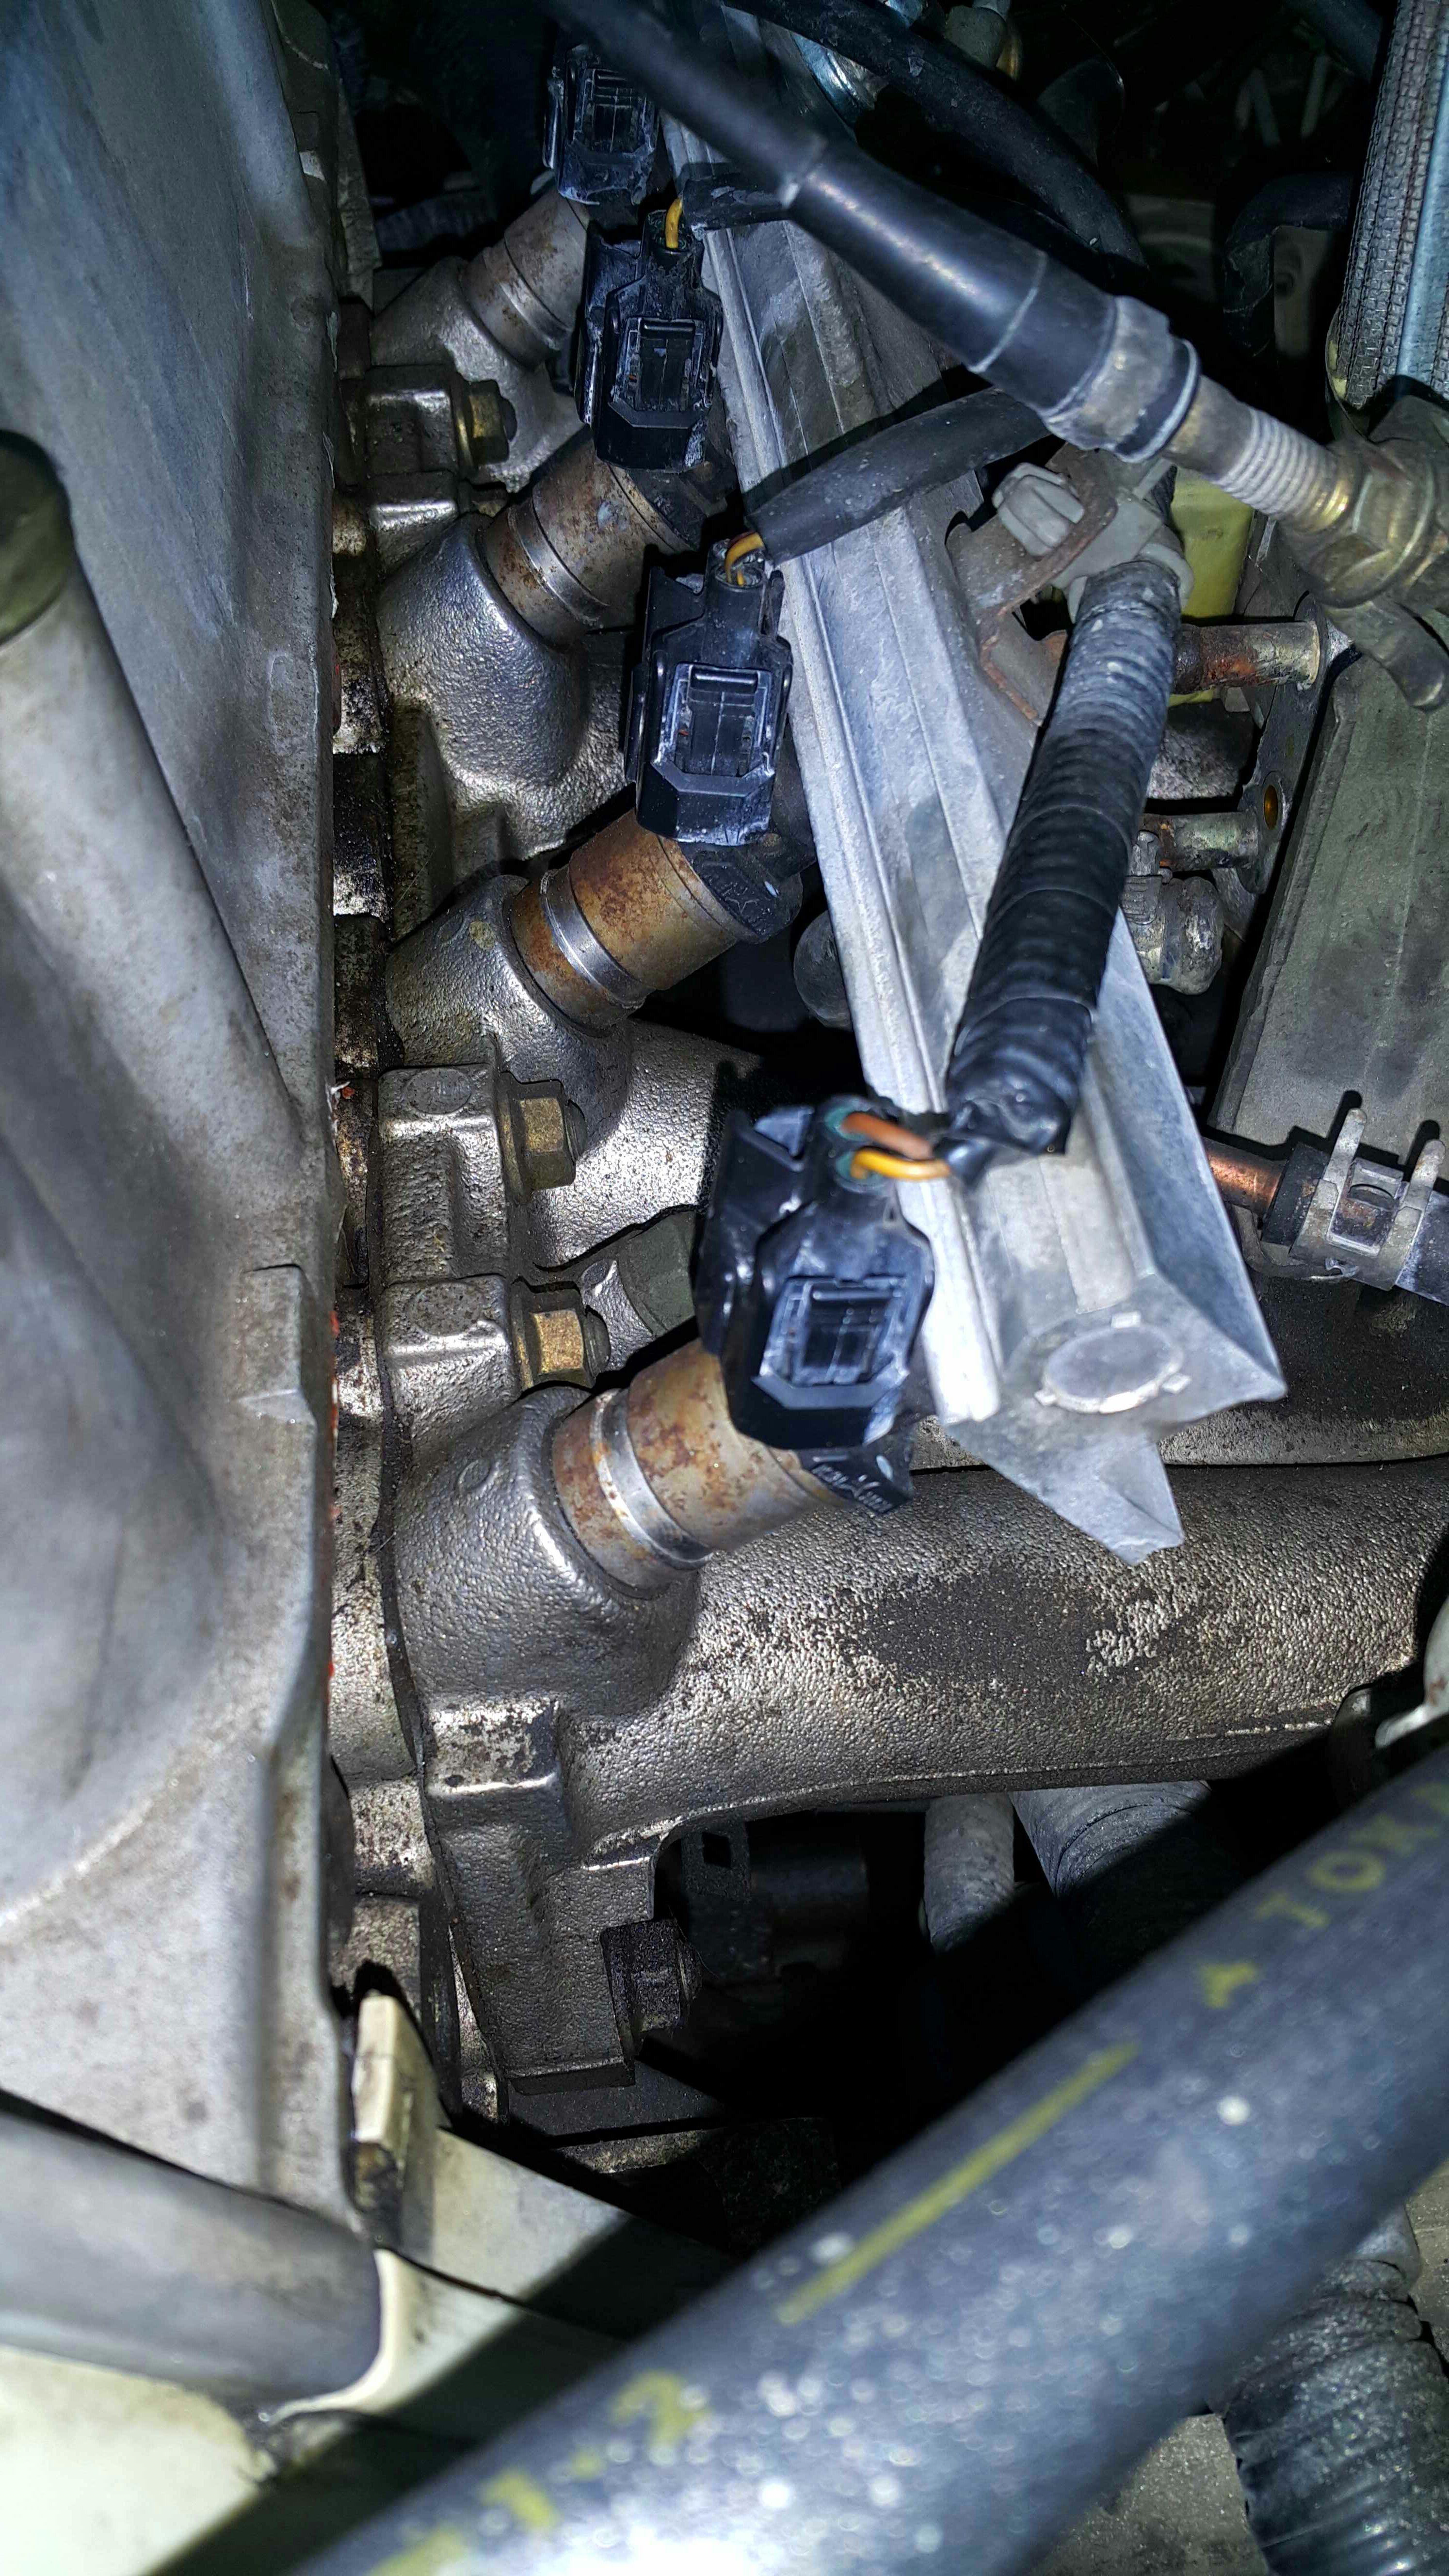 medium resolution of replacing fuel injectors honda civic 1999 d15b